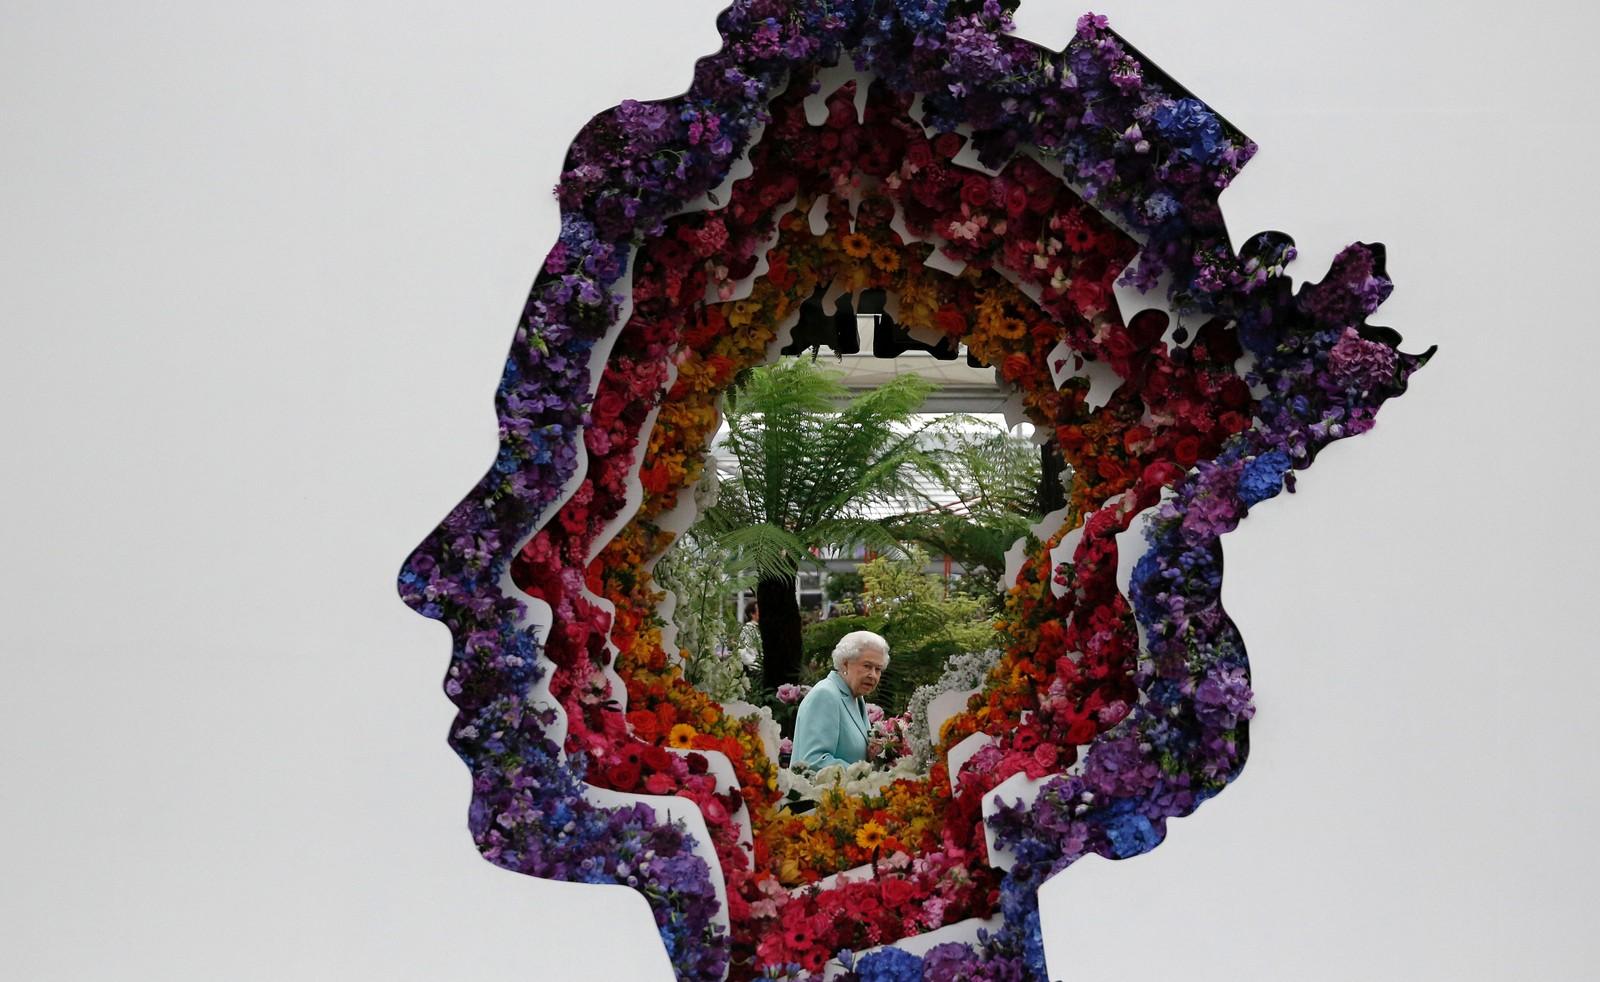 Dronning Elizabeth II sees gjennom en blomsterversjon av henne selv under Chelsea Flower Show i London denne uka.